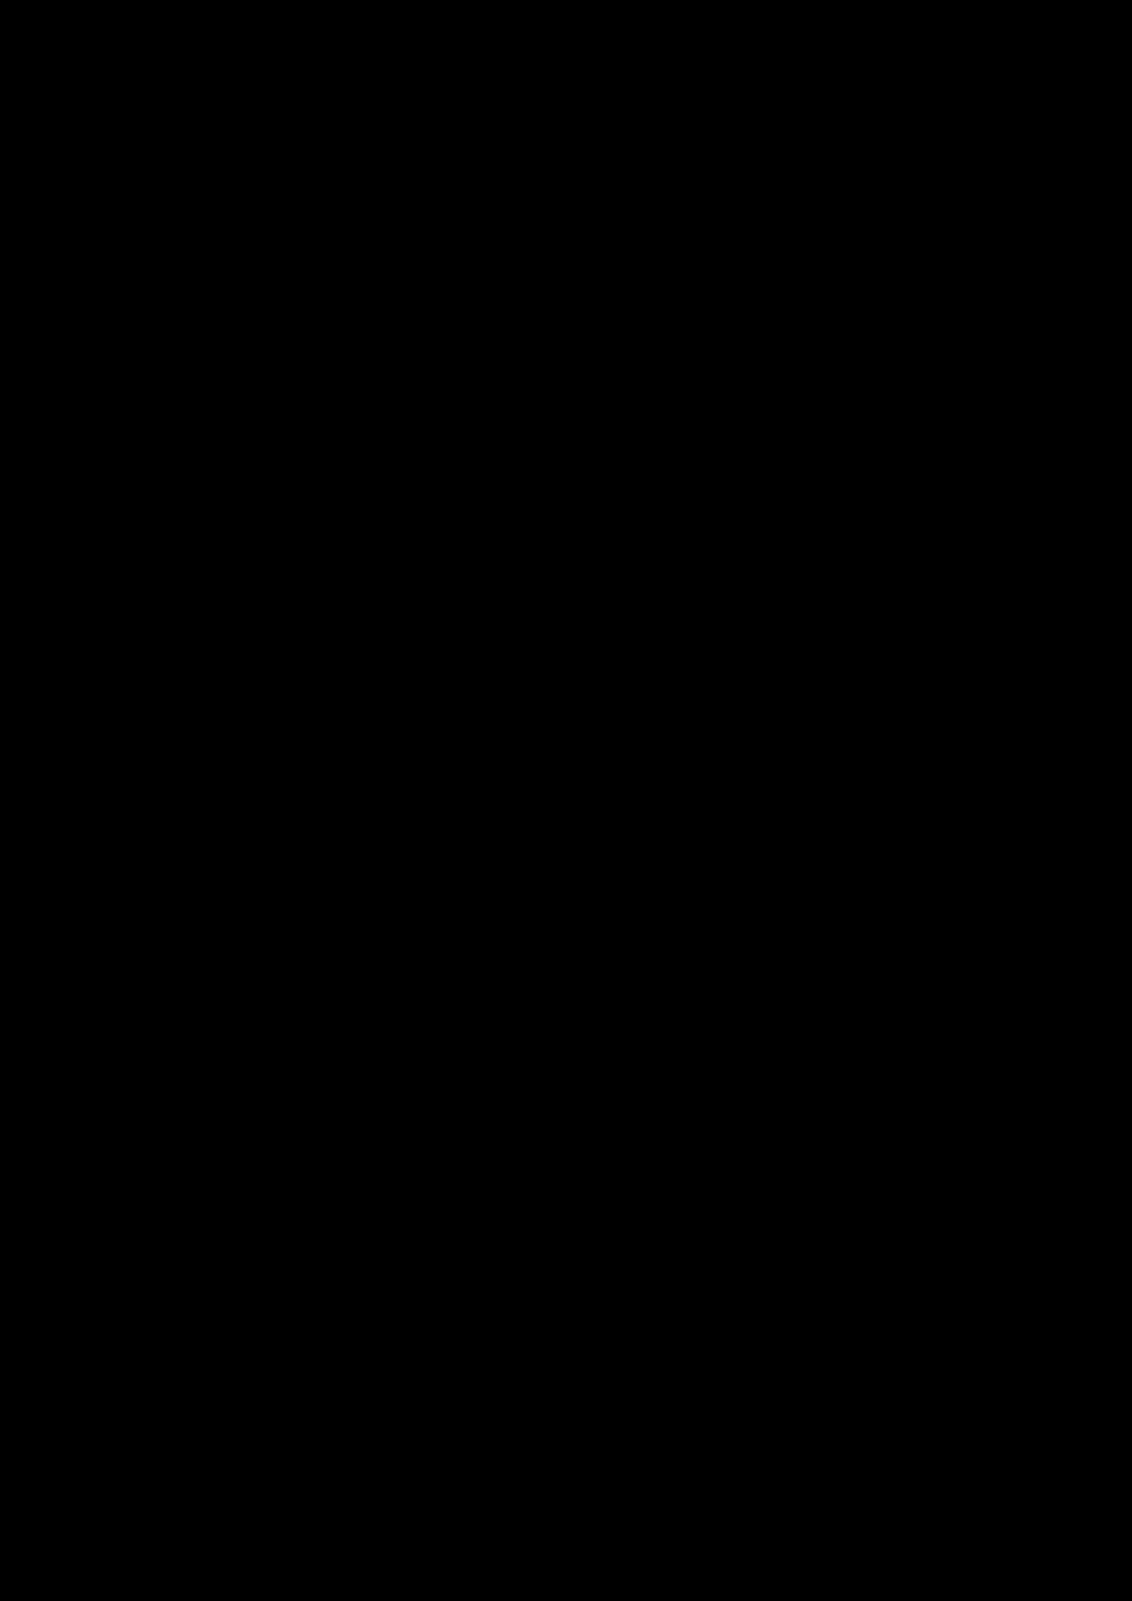 Vyibor Est slide, Image 11